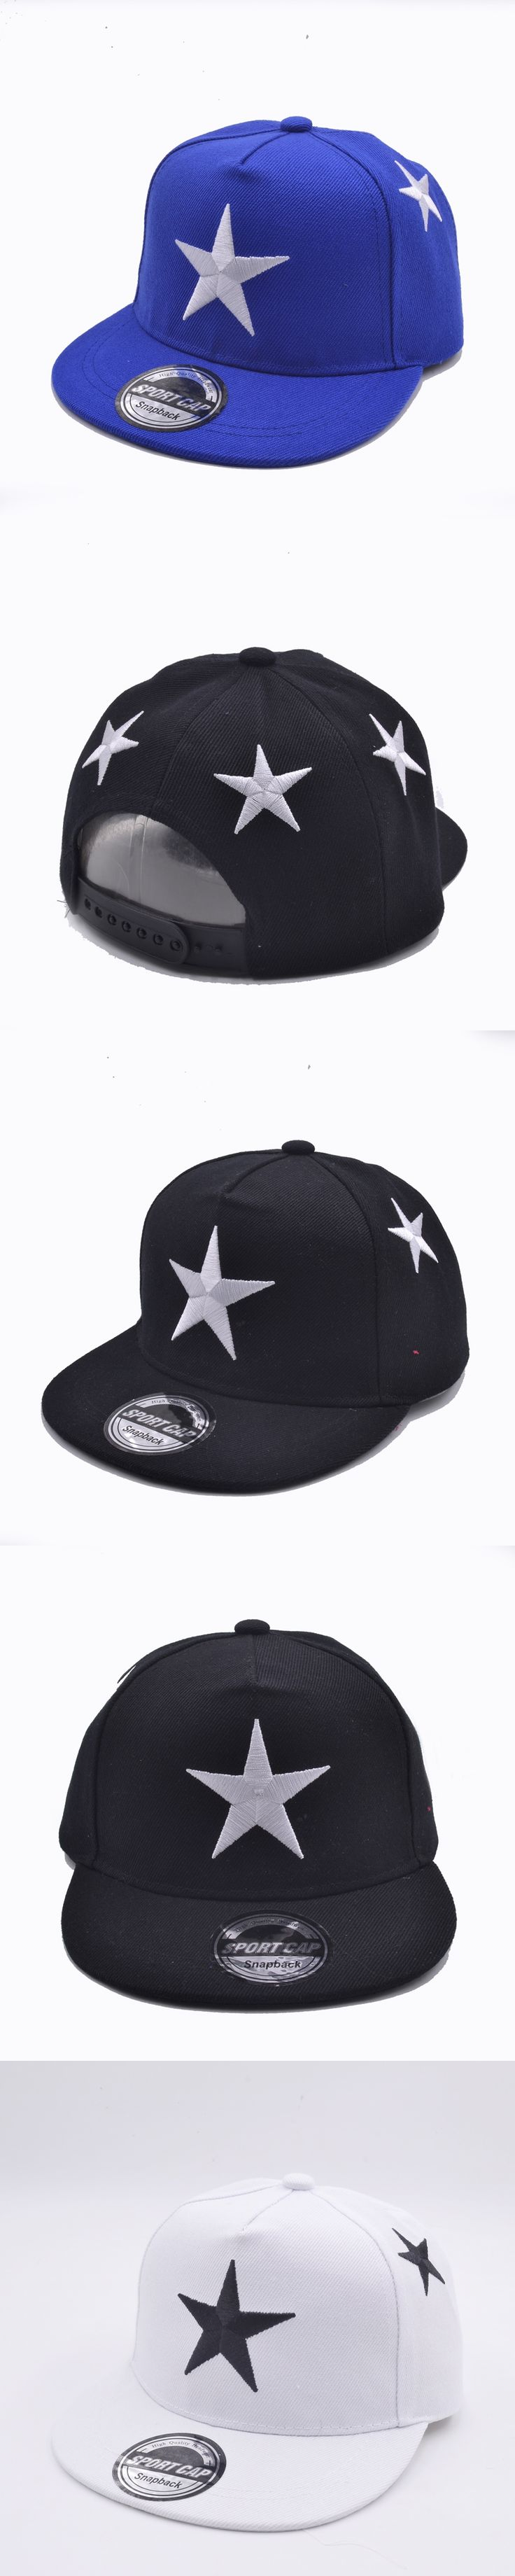 d248f9ea989 New Summer Children Boys Girls Five Star Embroider Snapback Adjustable Kids Baseball  Hat Hip Hop Hat Outdoor